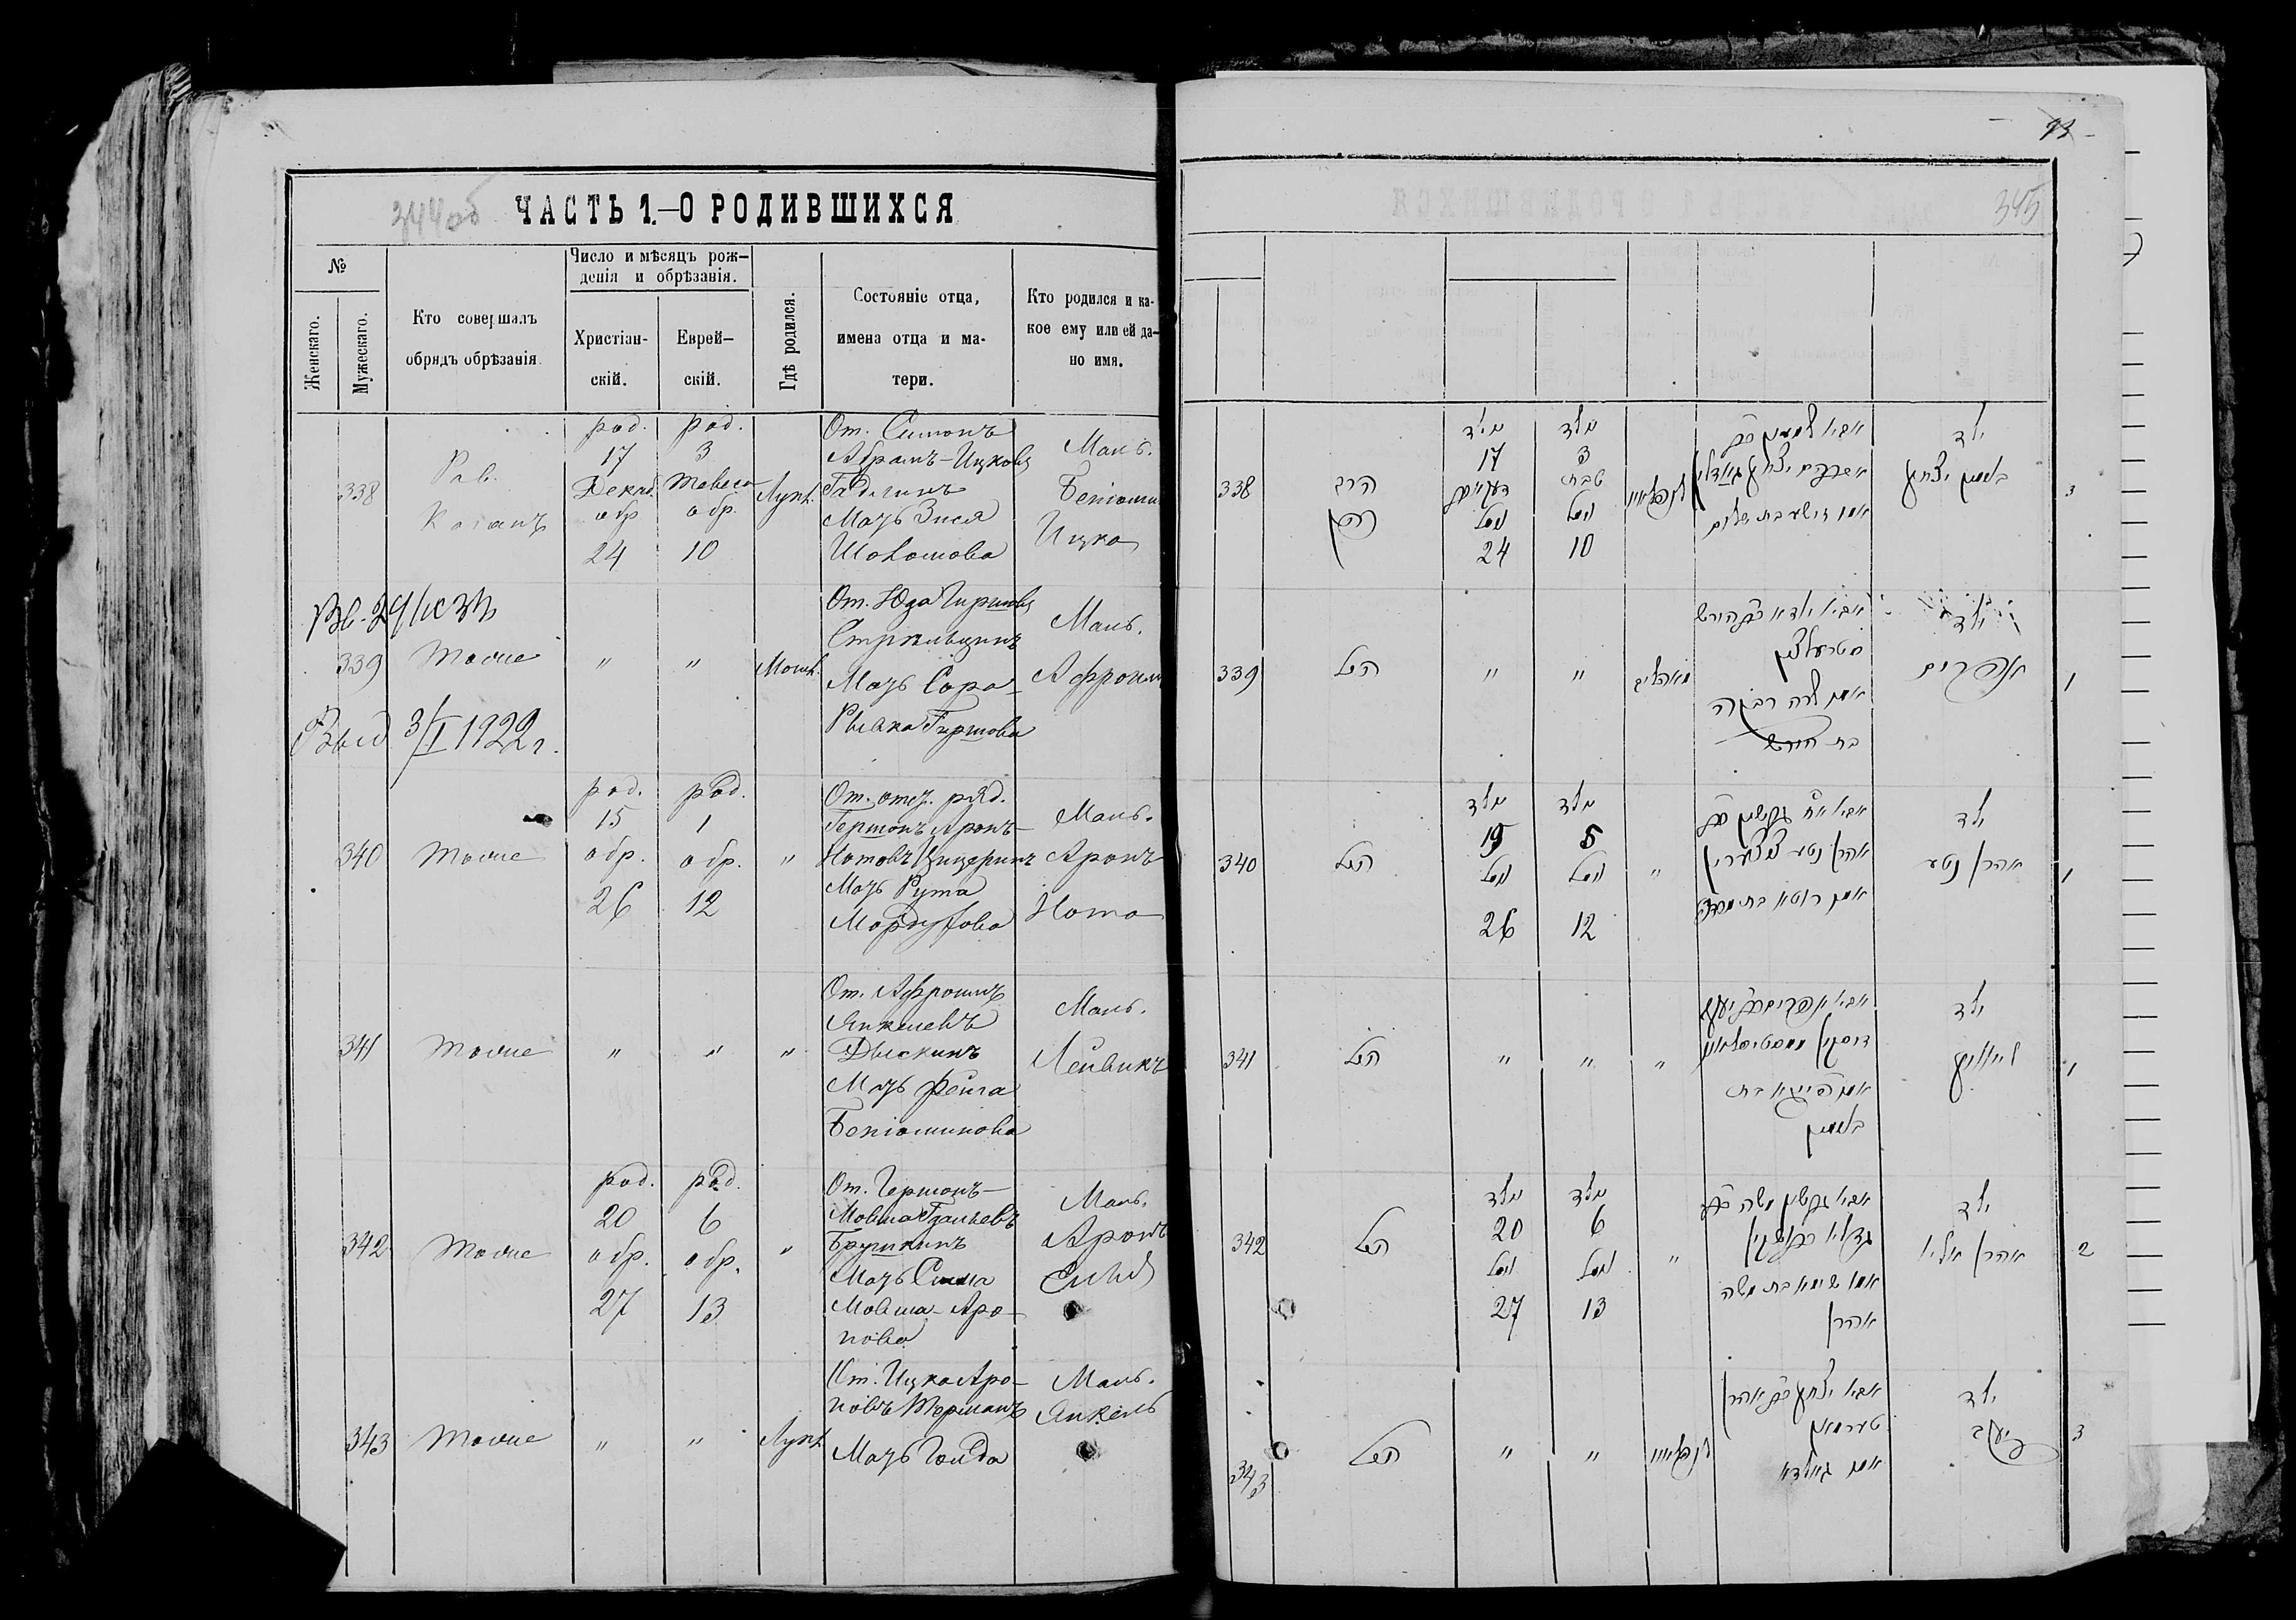 Афроим Юдович Стельцын 17 декабря 1878, запись 339, пленка 007766481, снимок 876